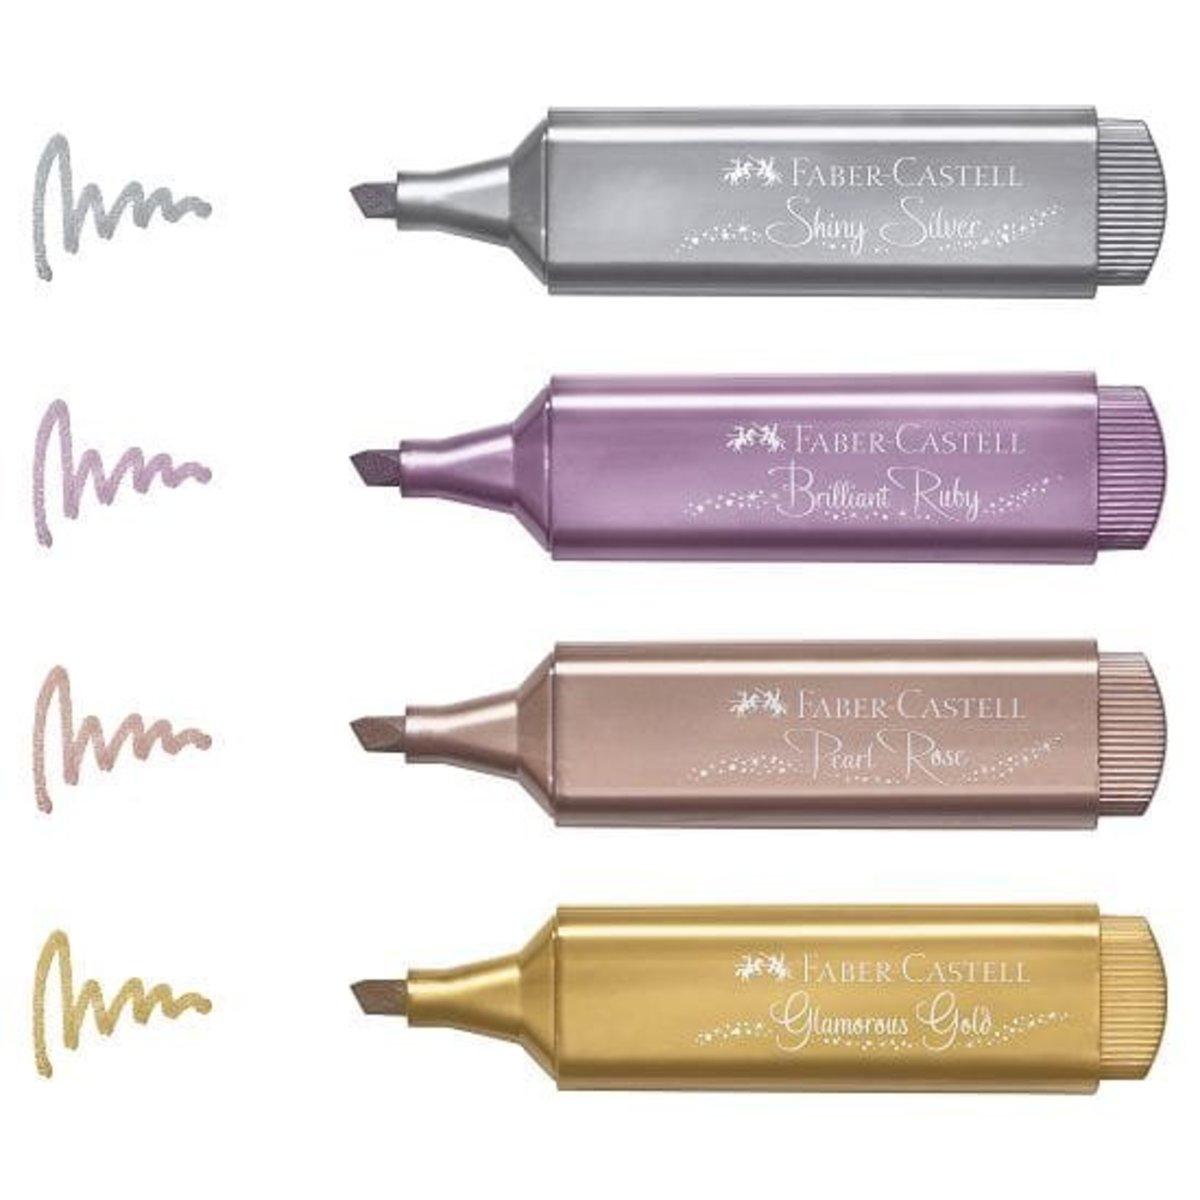 閃亮金屬色螢光筆 (4色)